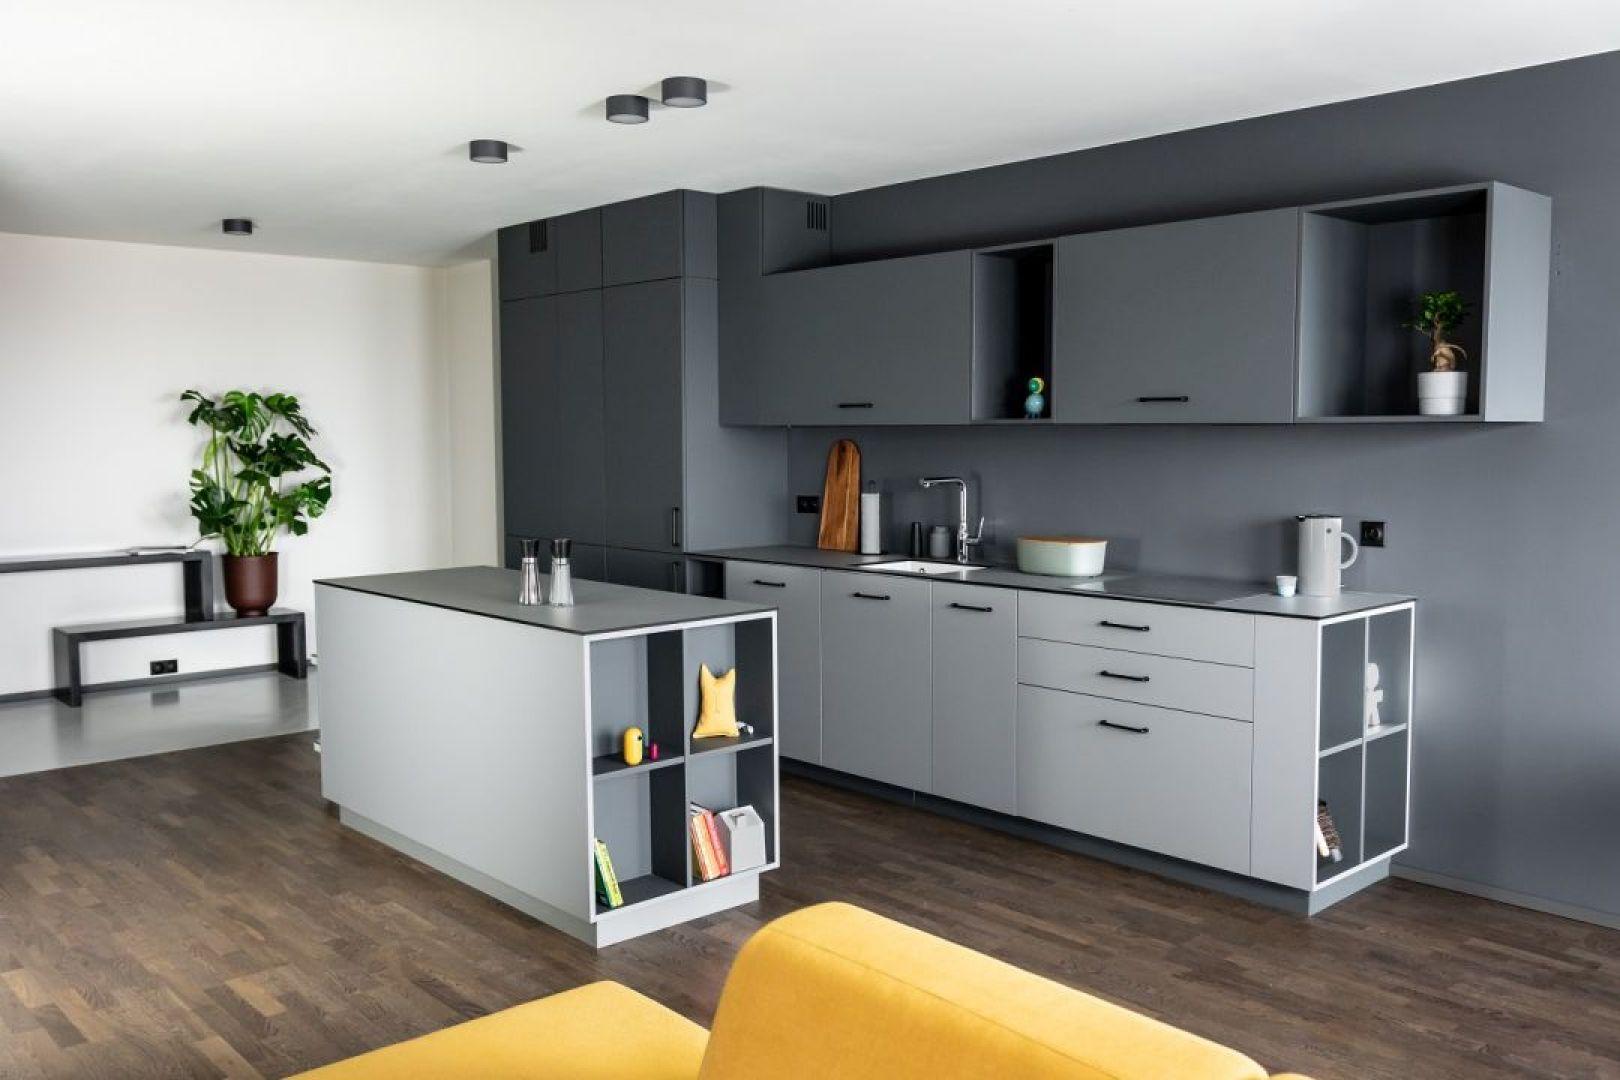 Właścicielowi mieszkania zależało na tym, żeby kuchnia nie dominowała, ale dyskretnie wtapiała się w otoczenie gubiąc po drodze swój kuchenny charakter. Projekt: Kasia Orwat. Fot. Dekorian Home